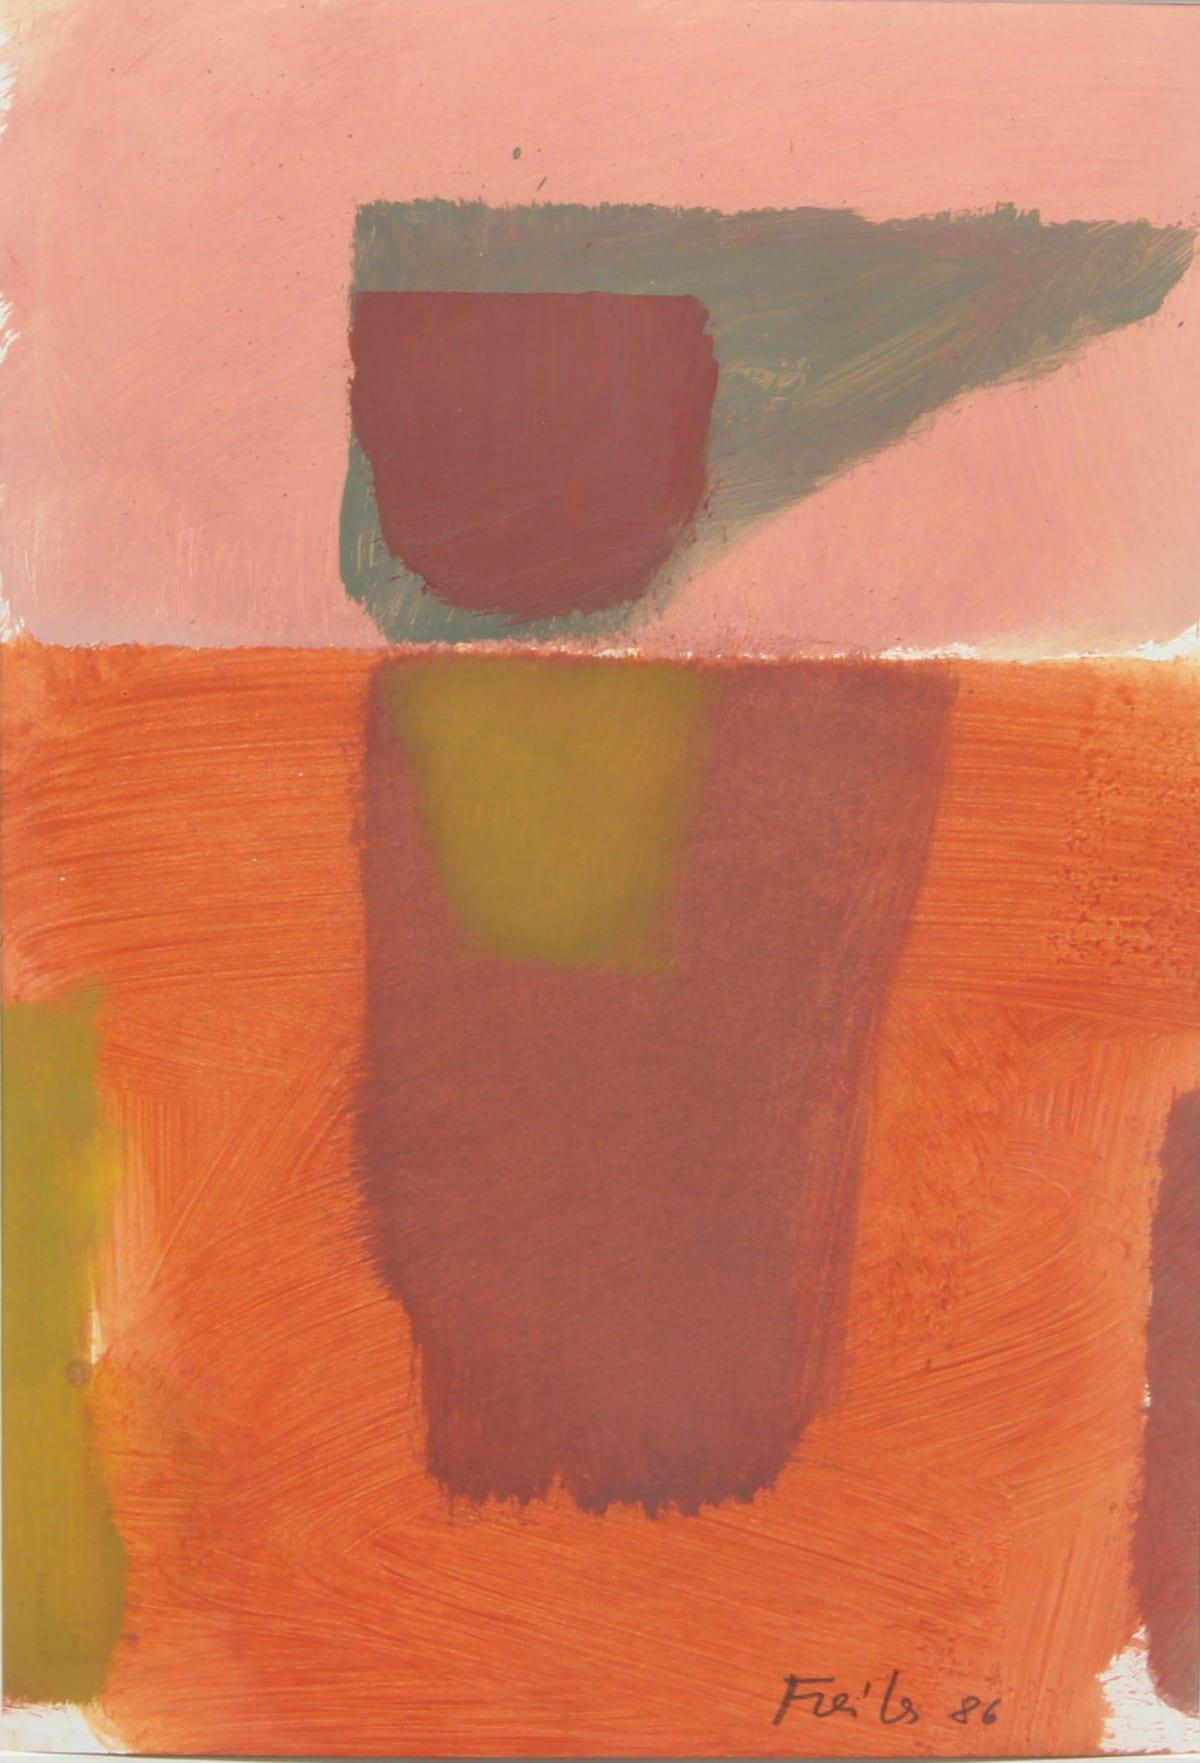 Antonio Freiles SENZA TITOLO, 1986 Oil on paper. 48 x 33 cm (18.9 x 13.0 in)